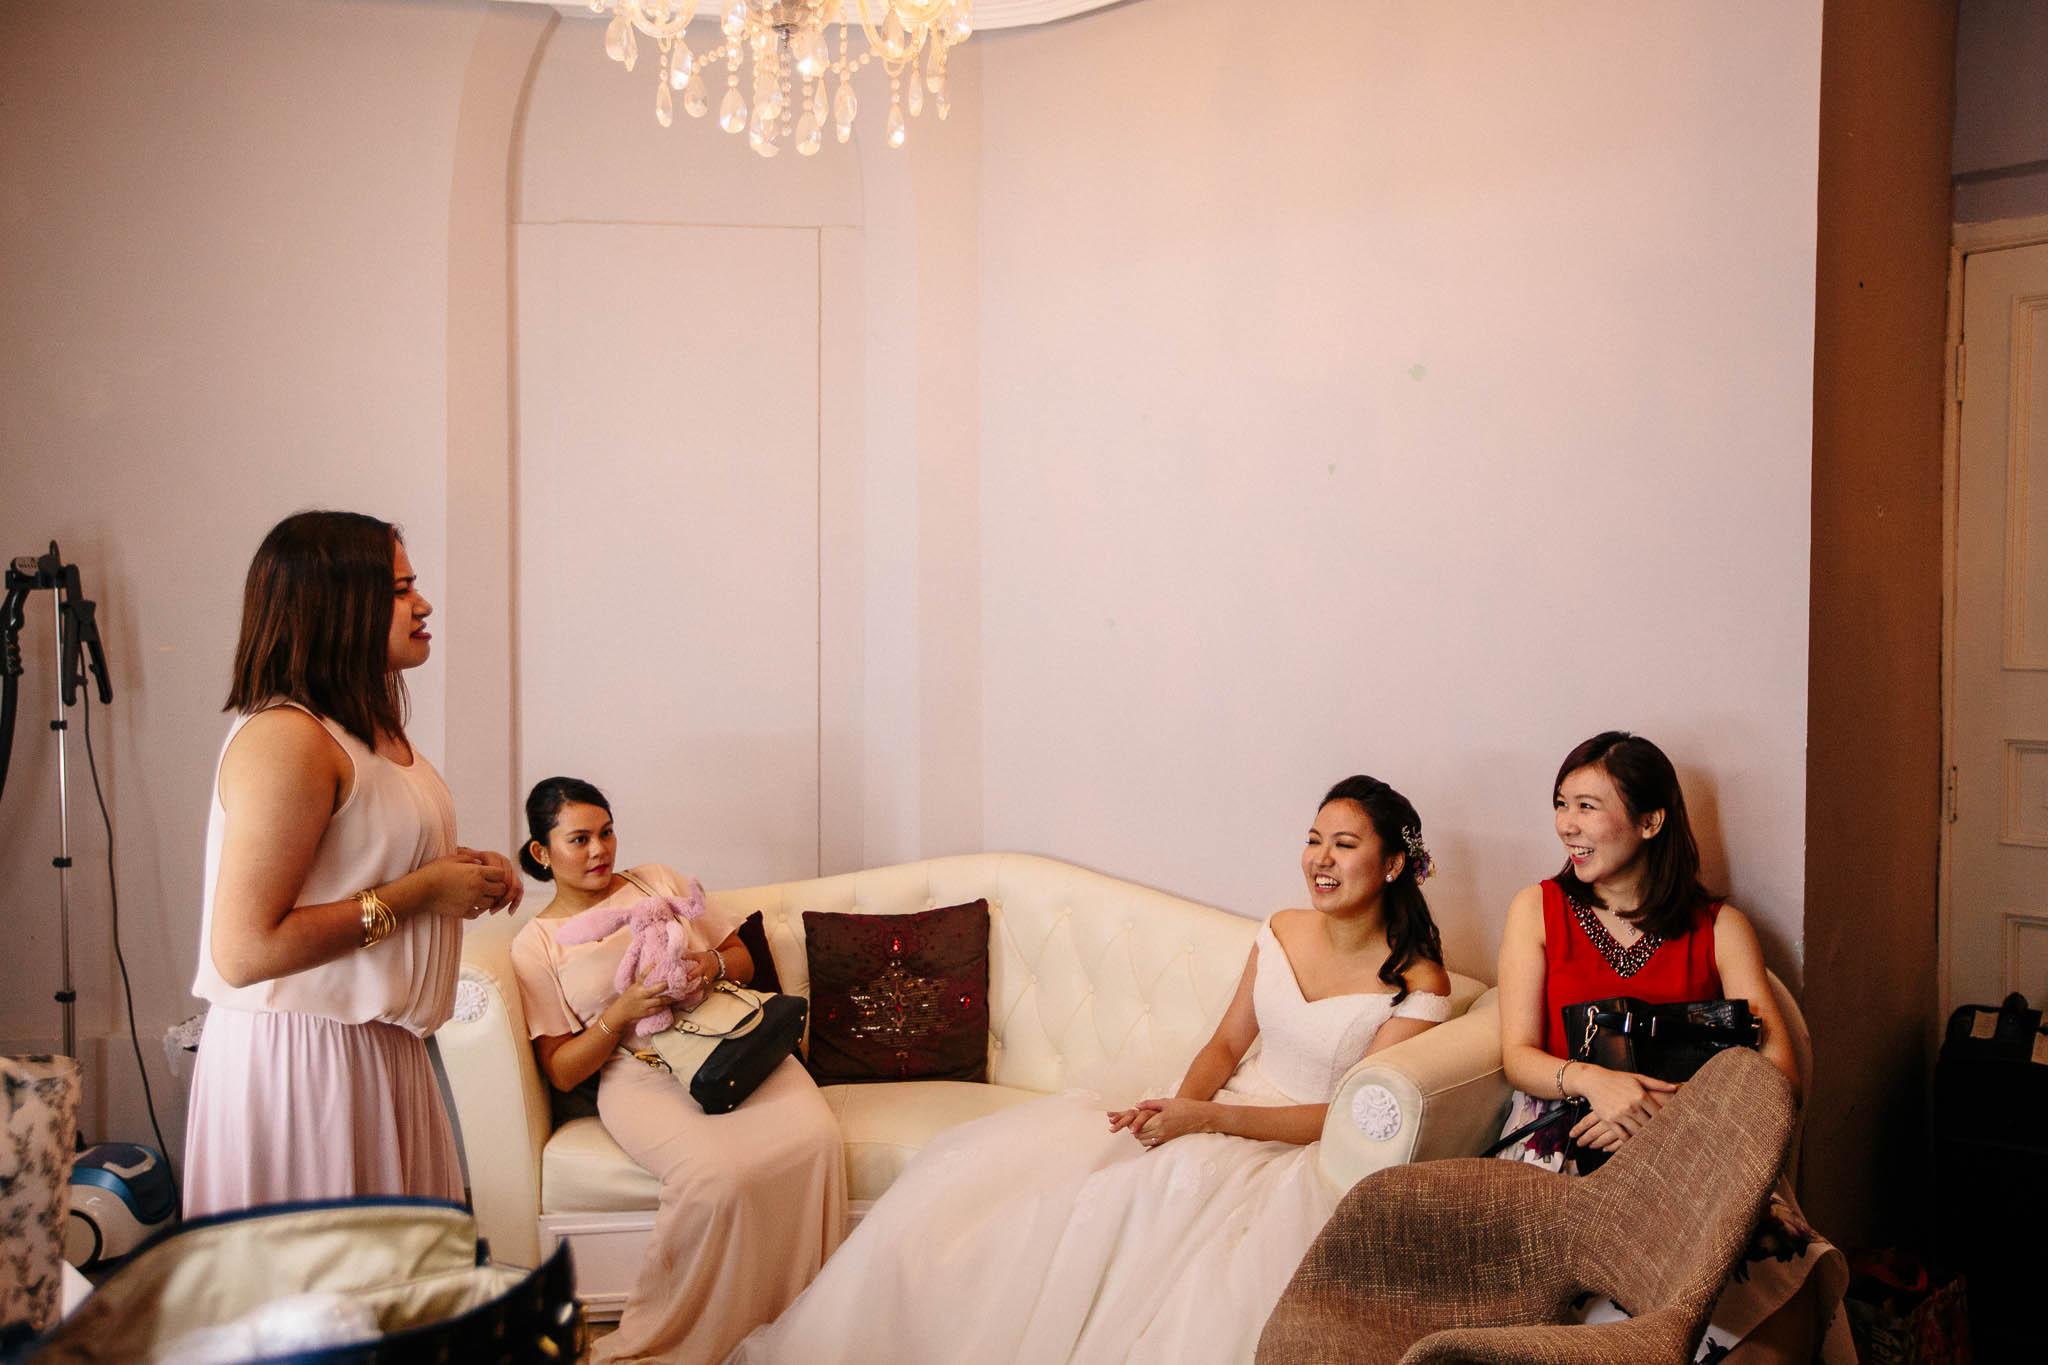 singapore-wedding-photographer-zhongwei-shihui-046.jpg